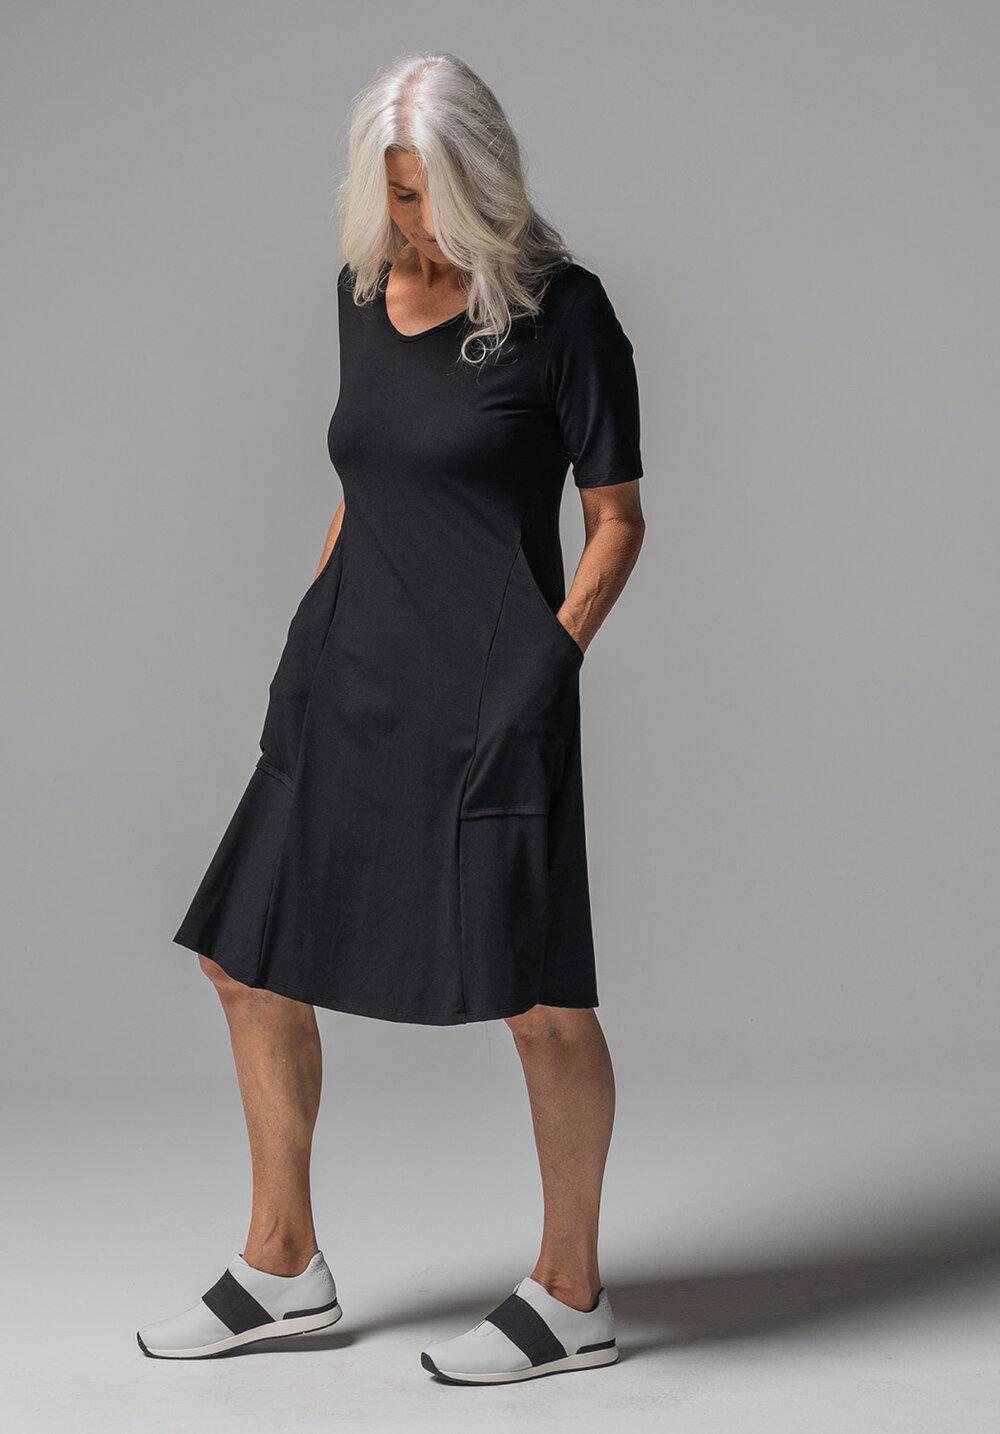 Ashen dress